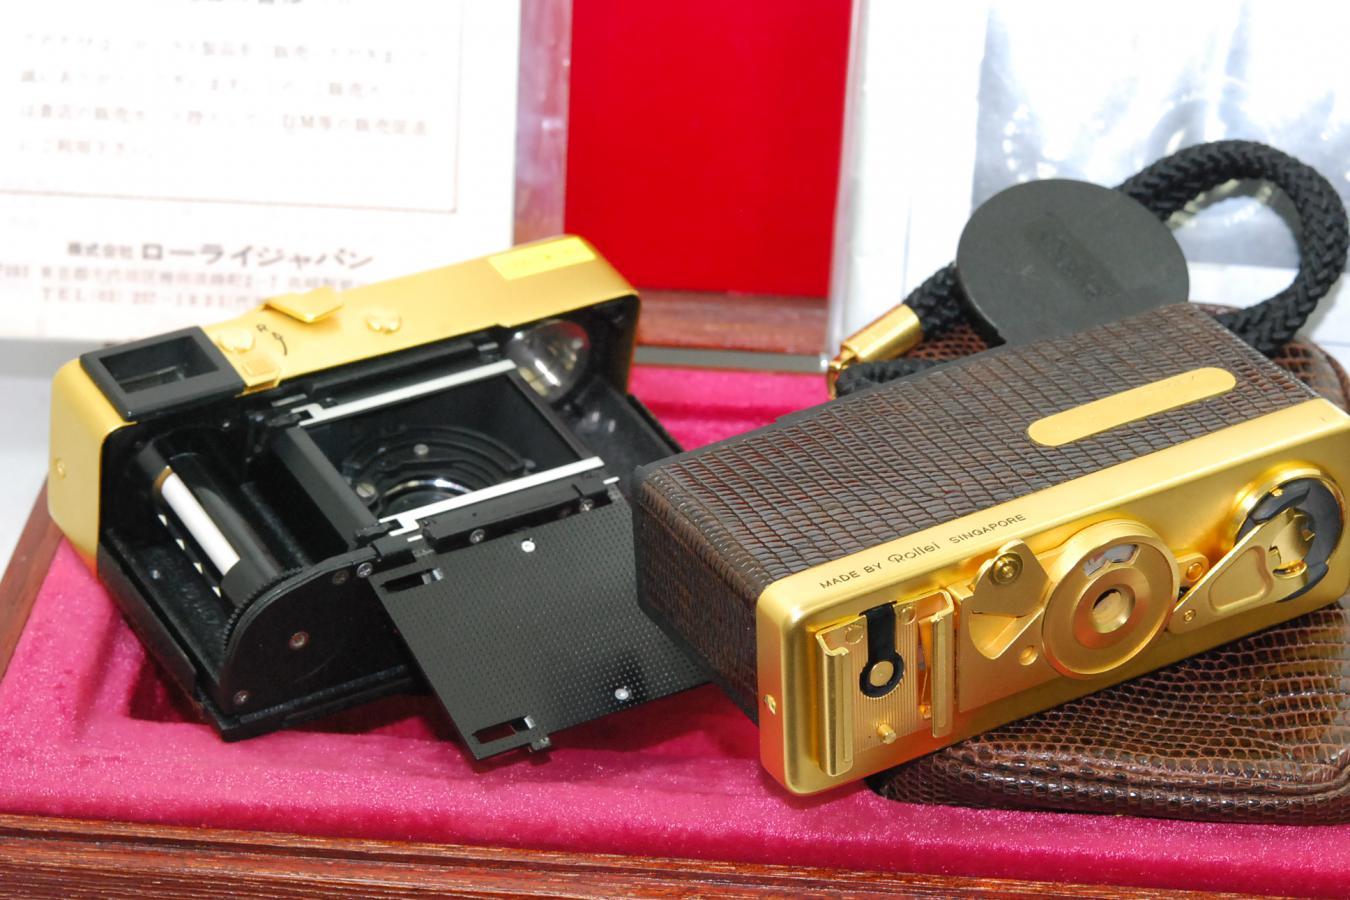 【コレクション向け】 Rollei 35S GOLD 【未記入メーカー保証書、取説、純正ケース、ストラップ、木箱、元箱付】 ※ローライ社創立60周年記念 全世界1500台限定